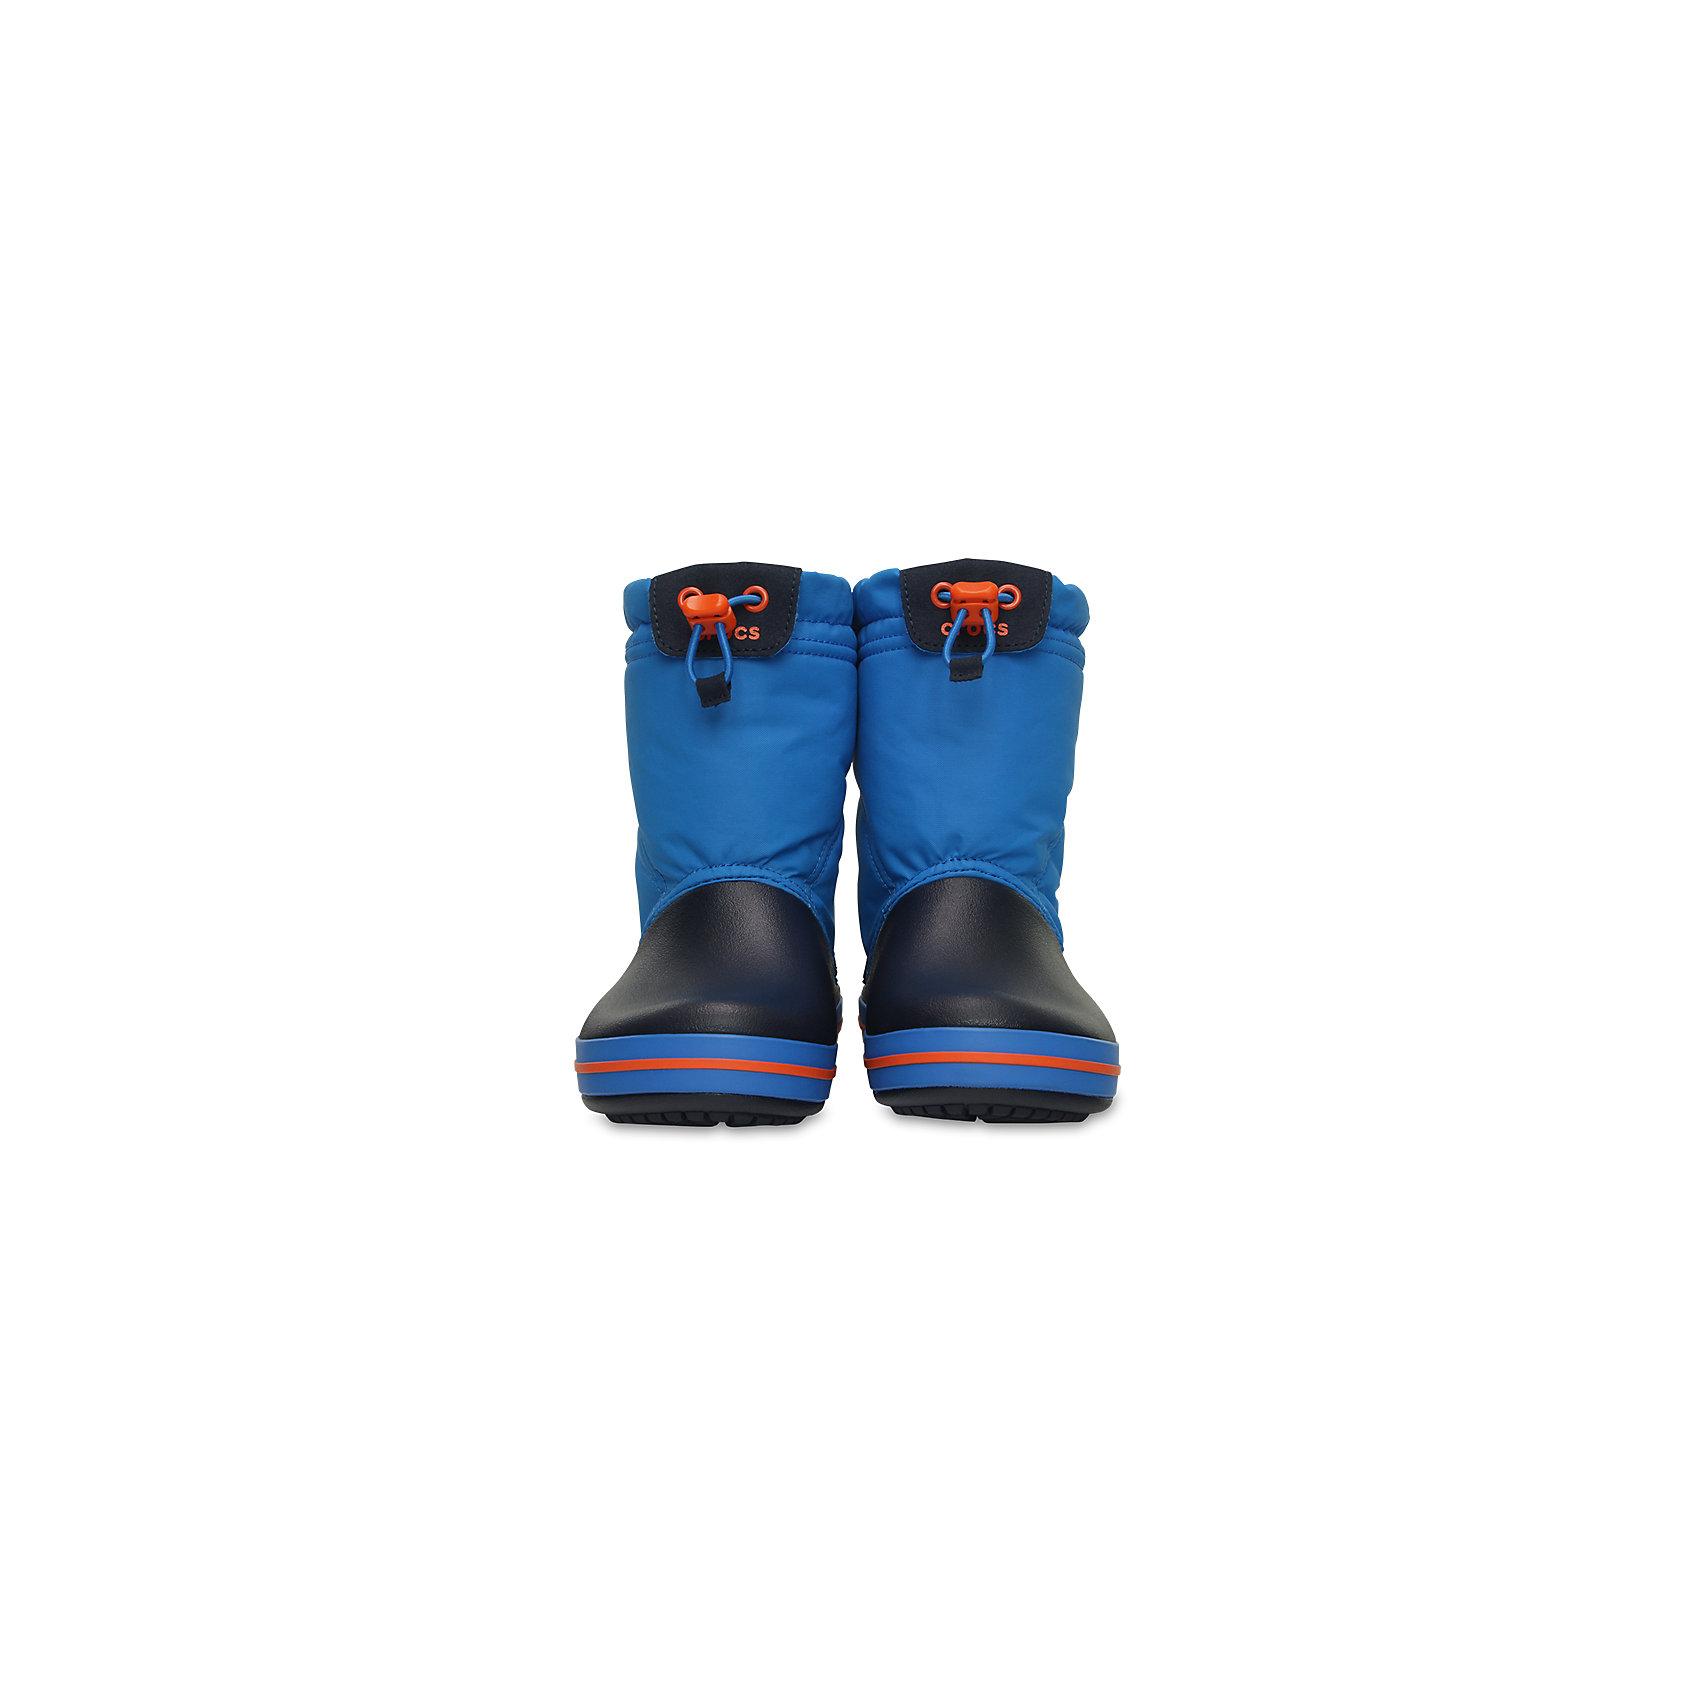 Сапоги Kids' Crocband Lodge Point Boot CrocsХарактеристики товара:<br><br>• цвет: синий<br>• материал: верх - текстиль, низ -100% полимер Croslite™<br>• материал подкладки: текстиль<br>• непромокаемая носочная часть<br>• температурный режим: от -15° до +10° С<br>• легко очищаются<br>• антискользящая подошва<br>• застежка: шнурок со стоппером<br>• толстая устойчивая подошва<br>• страна бренда: США<br>• страна изготовитель: Китай<br><br>Сапоги могут быть и стильными, и теплыми! Для детской обуви крайне важно, чтобы она была удобной. Такие сапоги обеспечивают детям необходимый комфорт, а теплая подкладка создает особый микроклимат. Сапоги легко надеваются и снимаются, отлично сидят на ноге. Материал, из которого они сделаны, не дает размножаться бактериям, поэтому такая обувь препятствует образованию неприятного запаха и появлению болезней стоп. Данная модель особенно понравится детям - ведь в них можно бегать по лужам!<br>Обувь от американского бренда Crocs в данный момент завоевала широкую популярность во всем мире, и это не удивительно - ведь она невероятно удобна. Её носят врачи, спортсмены, звёзды шоу-бизнеса, люди, которым много времени приходится бывать на ногах - они понимают, как важна комфортная обувь. Продукция Crocs - это качественные товары, созданные с применением новейших технологий. Обувь отличается стильным дизайном и продуманной конструкцией. Изделие производится из качественных и проверенных материалов, которые безопасны для детей. <br><br>Сапоги от торговой марки Crocs можно купить в нашем интернет-магазине.<br><br>Ширина мм: 237<br>Глубина мм: 180<br>Высота мм: 152<br>Вес г: 438<br>Цвет: синий<br>Возраст от месяцев: 21<br>Возраст до месяцев: 24<br>Пол: Унисекс<br>Возраст: Детский<br>Размер: 25,34,33,31,30,29,28,27,23,26,24<br>SKU: 4940745